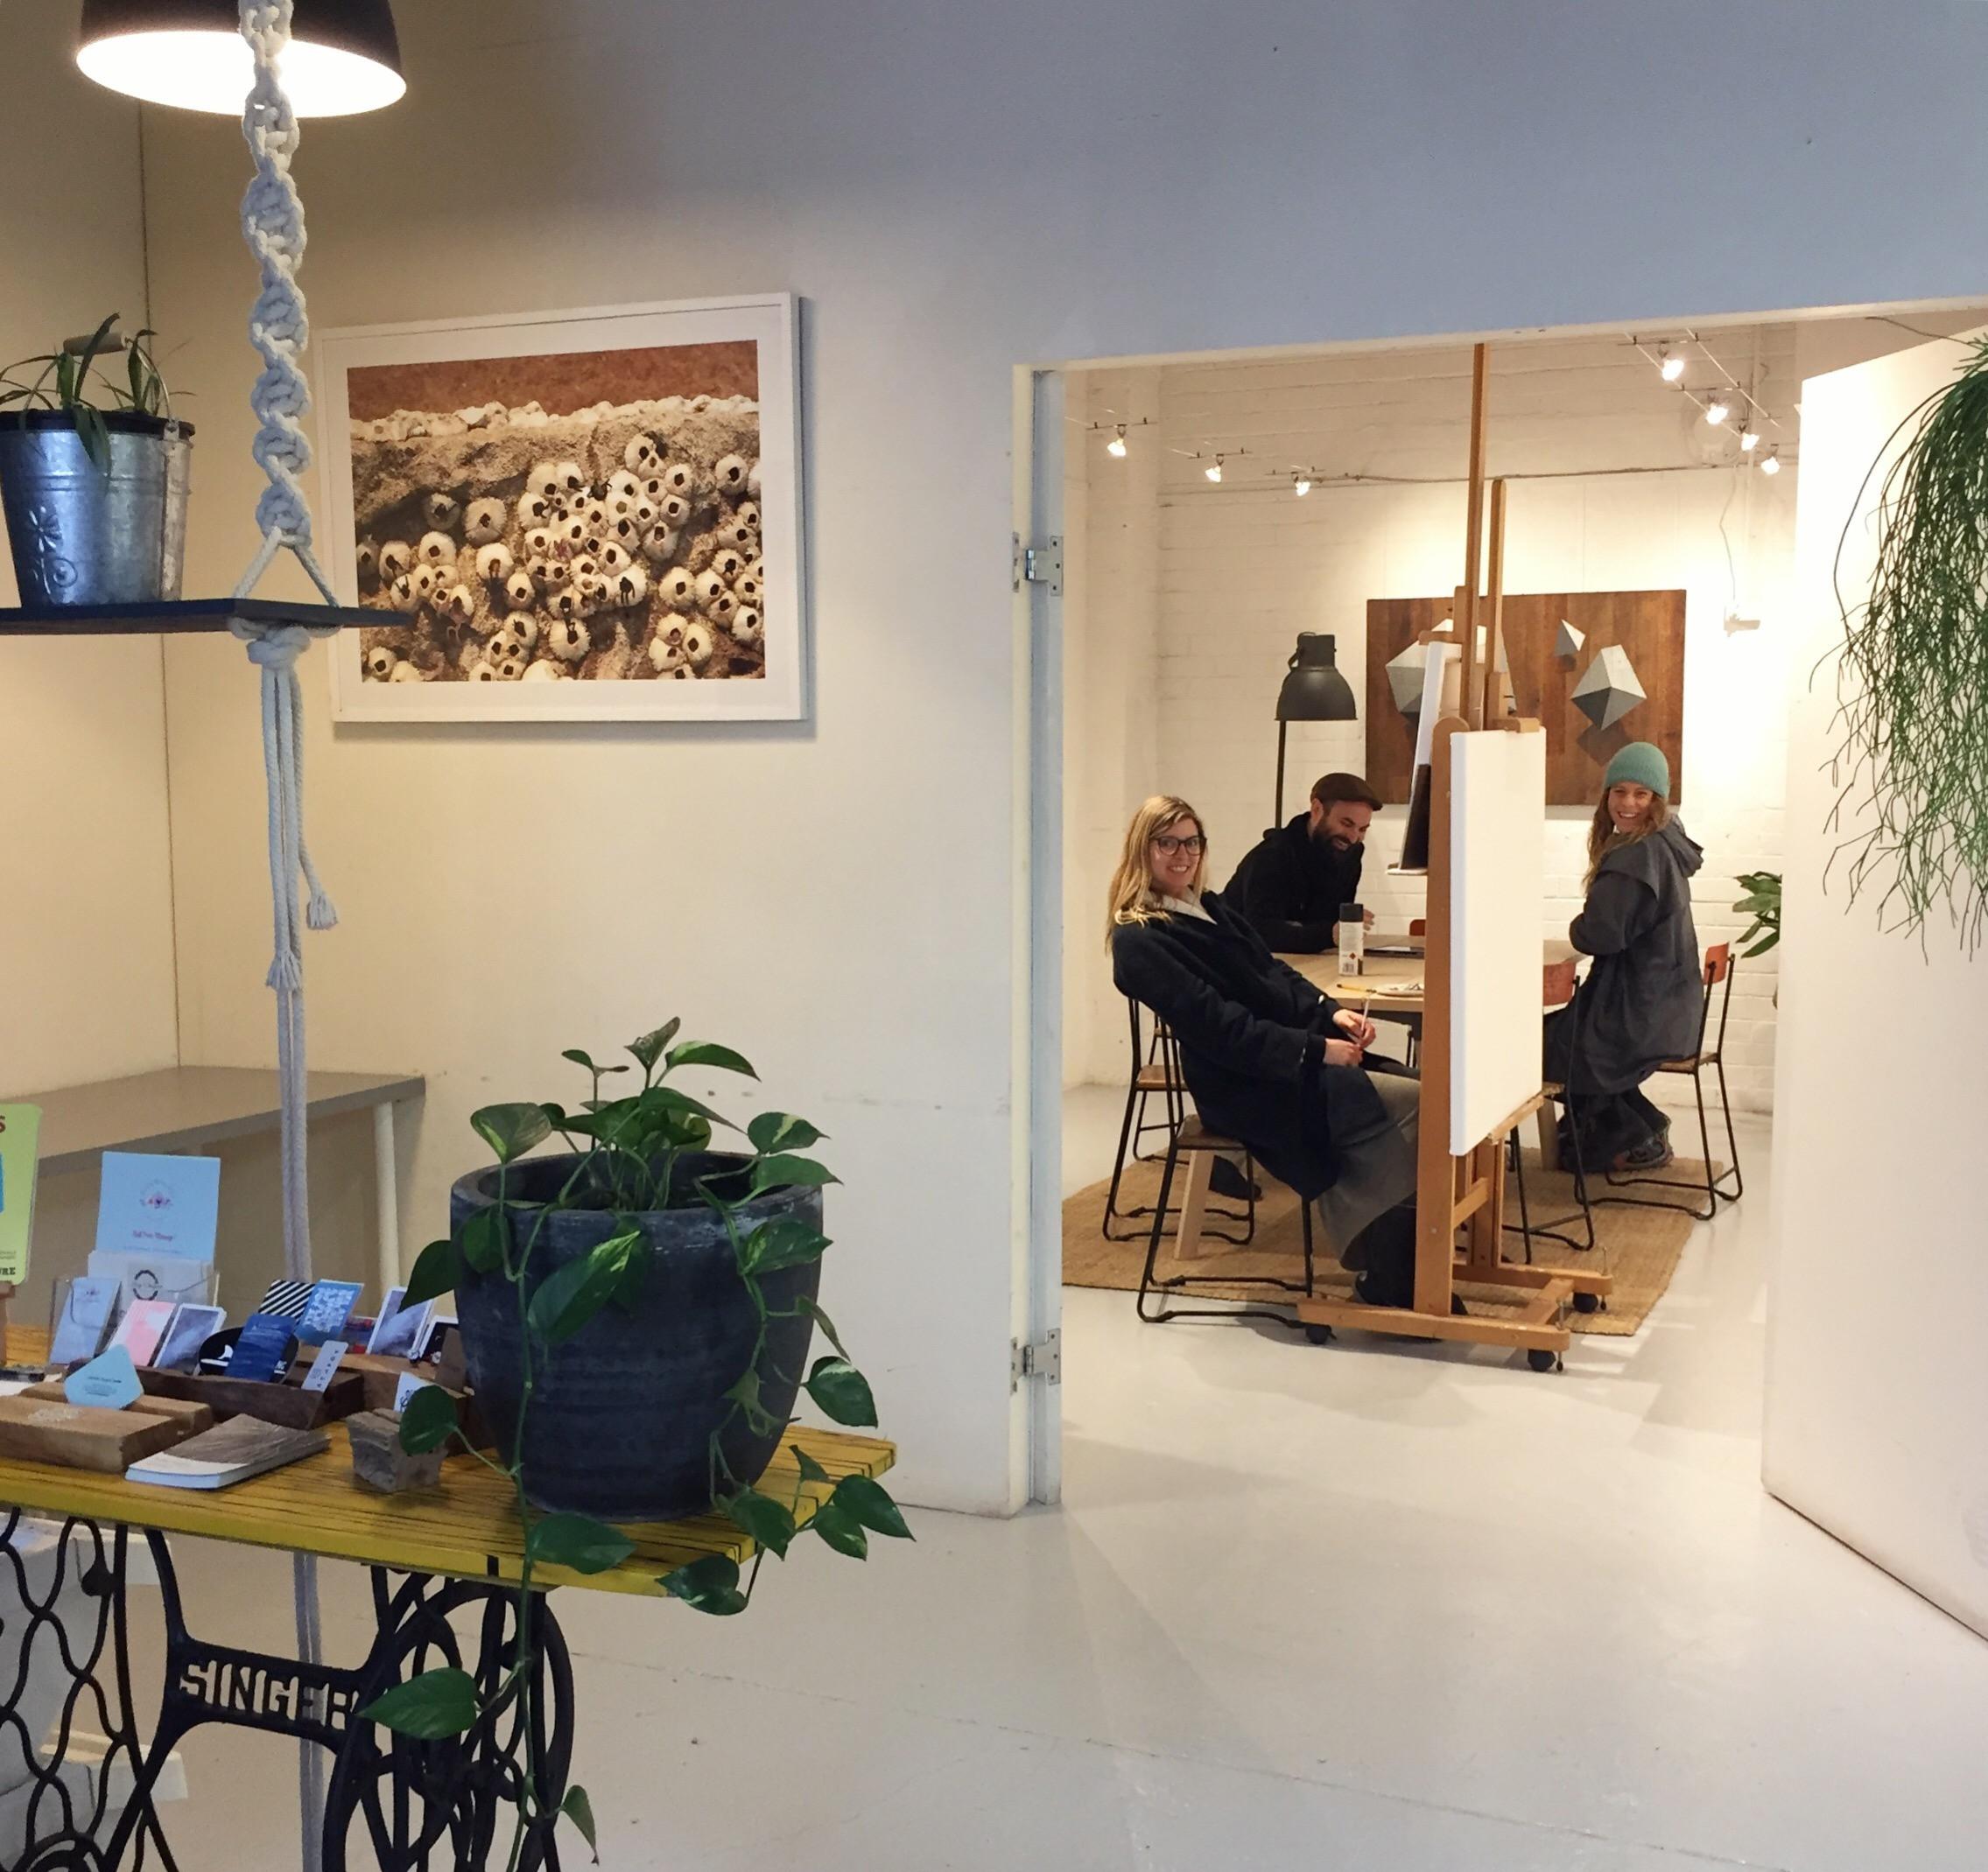 Meeting & Workshop Room / Half Day